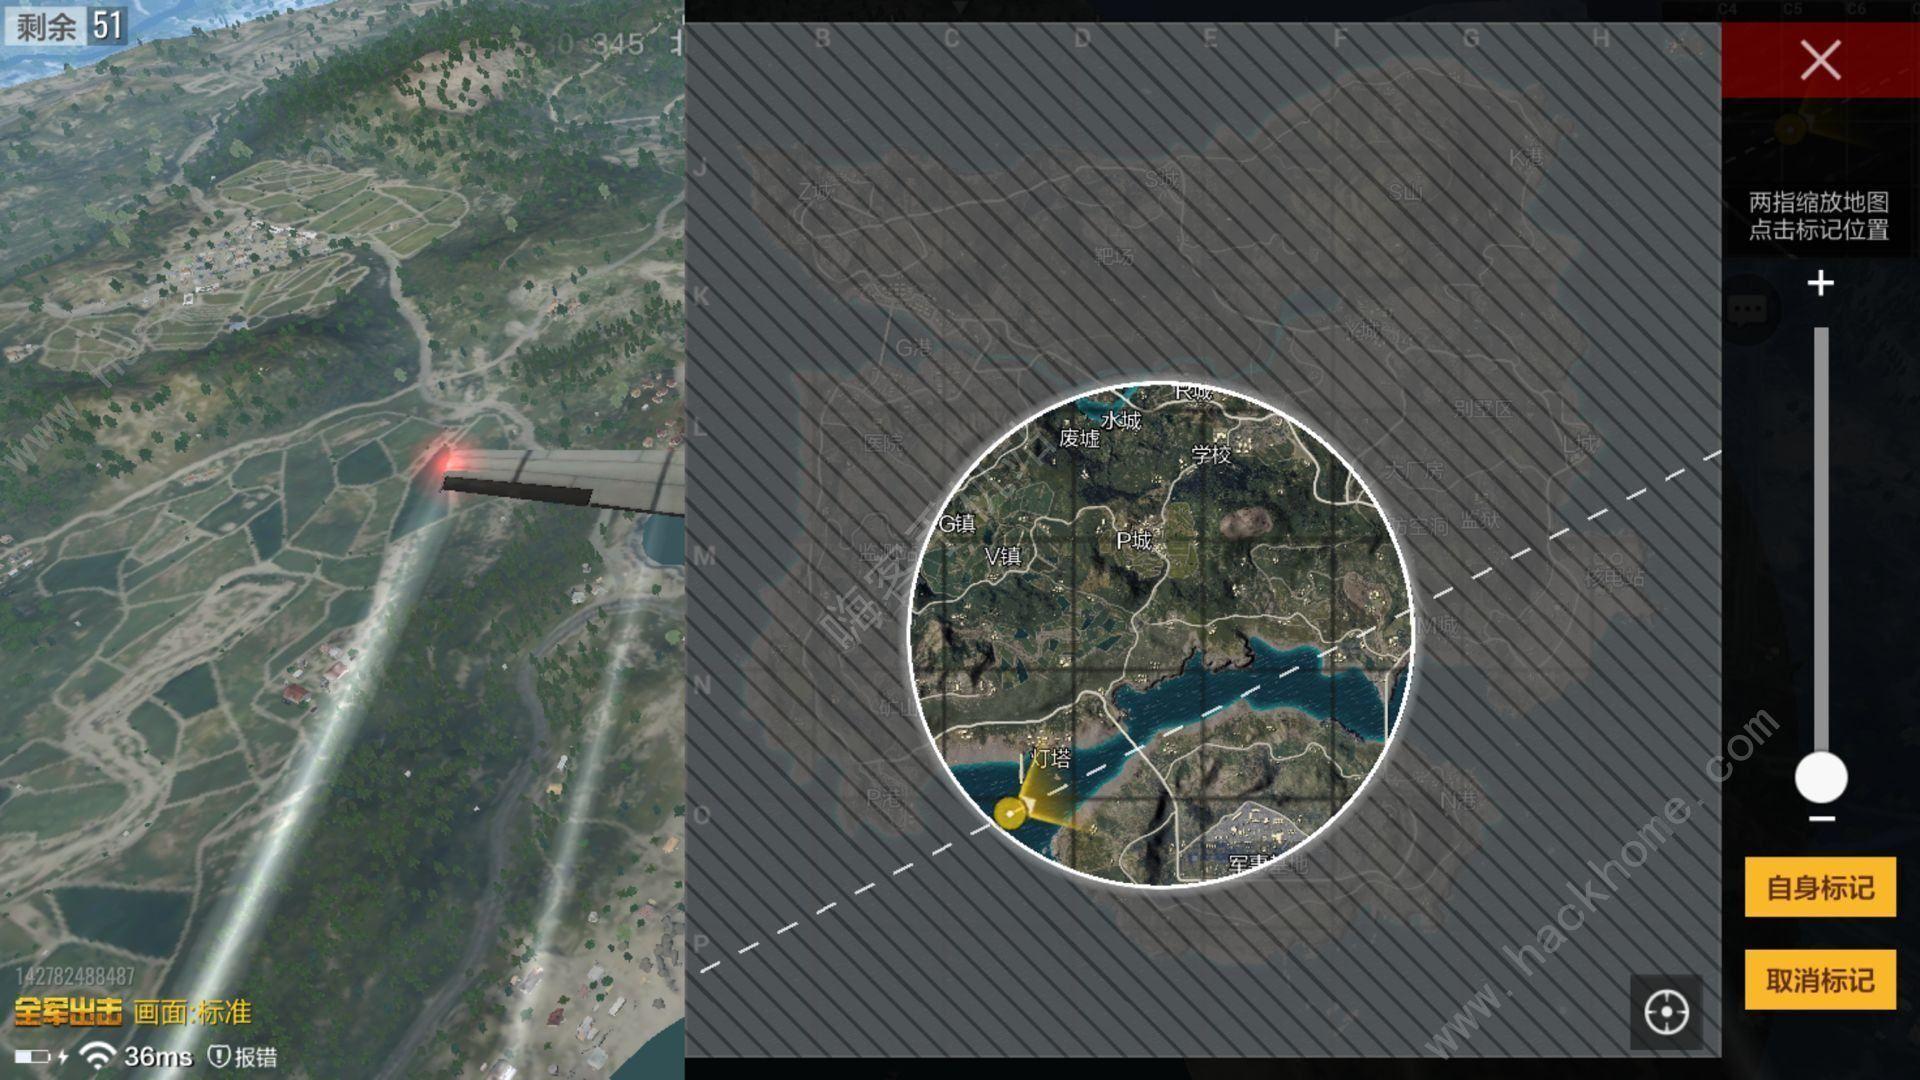 绝地求生全军出击喷气背包怎么使用 喷气背包使用方法讲解[多图]图片1_嗨客手机站